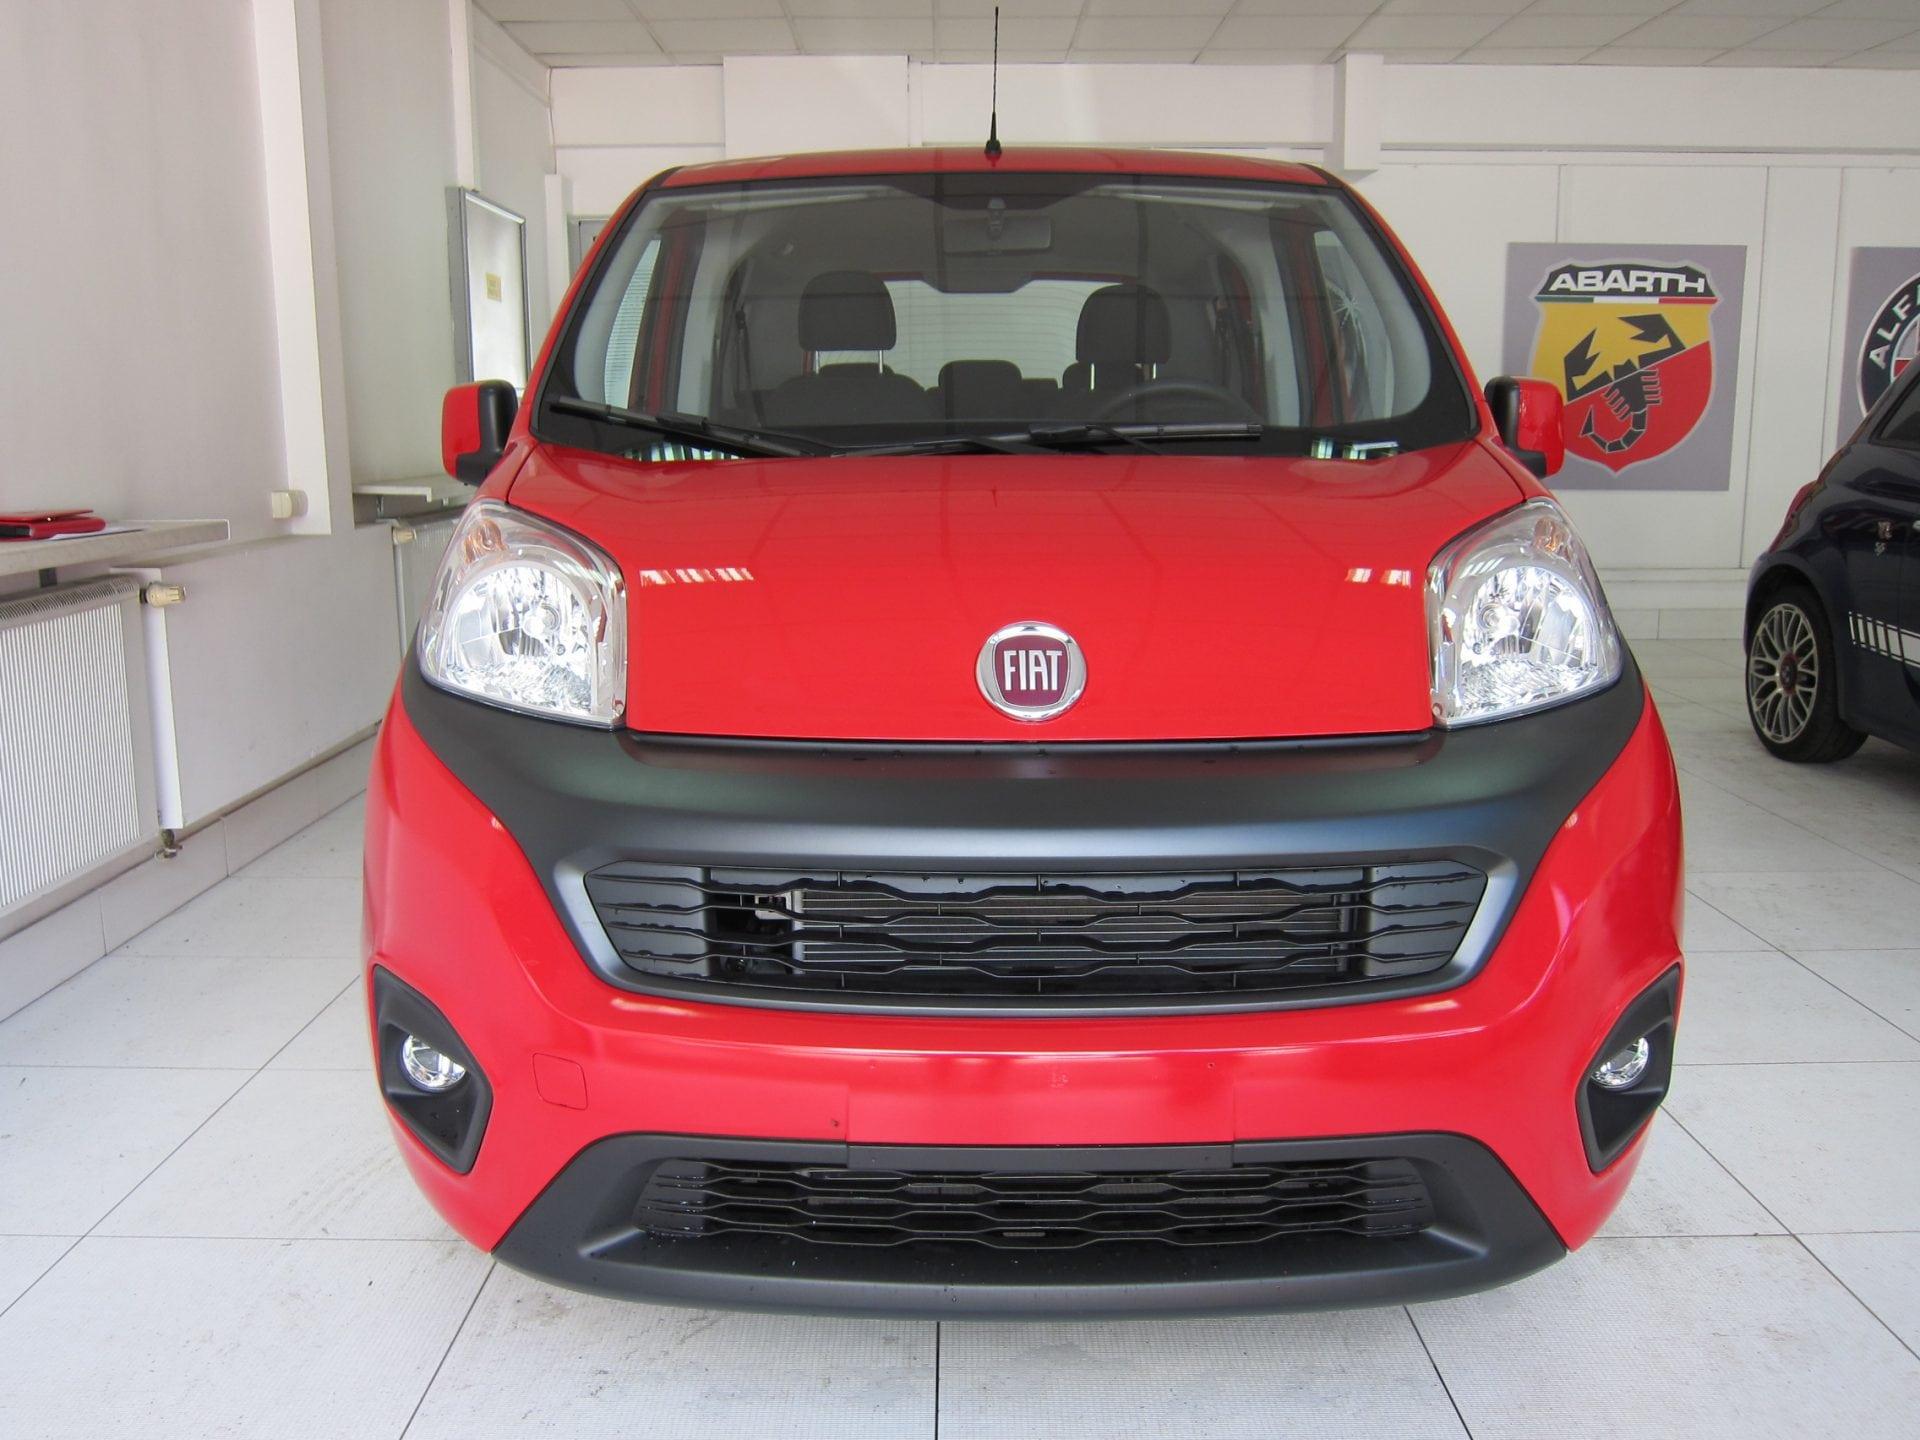 Fiat Qubo: wyjątkowy kombivan dla całej rodziny 10